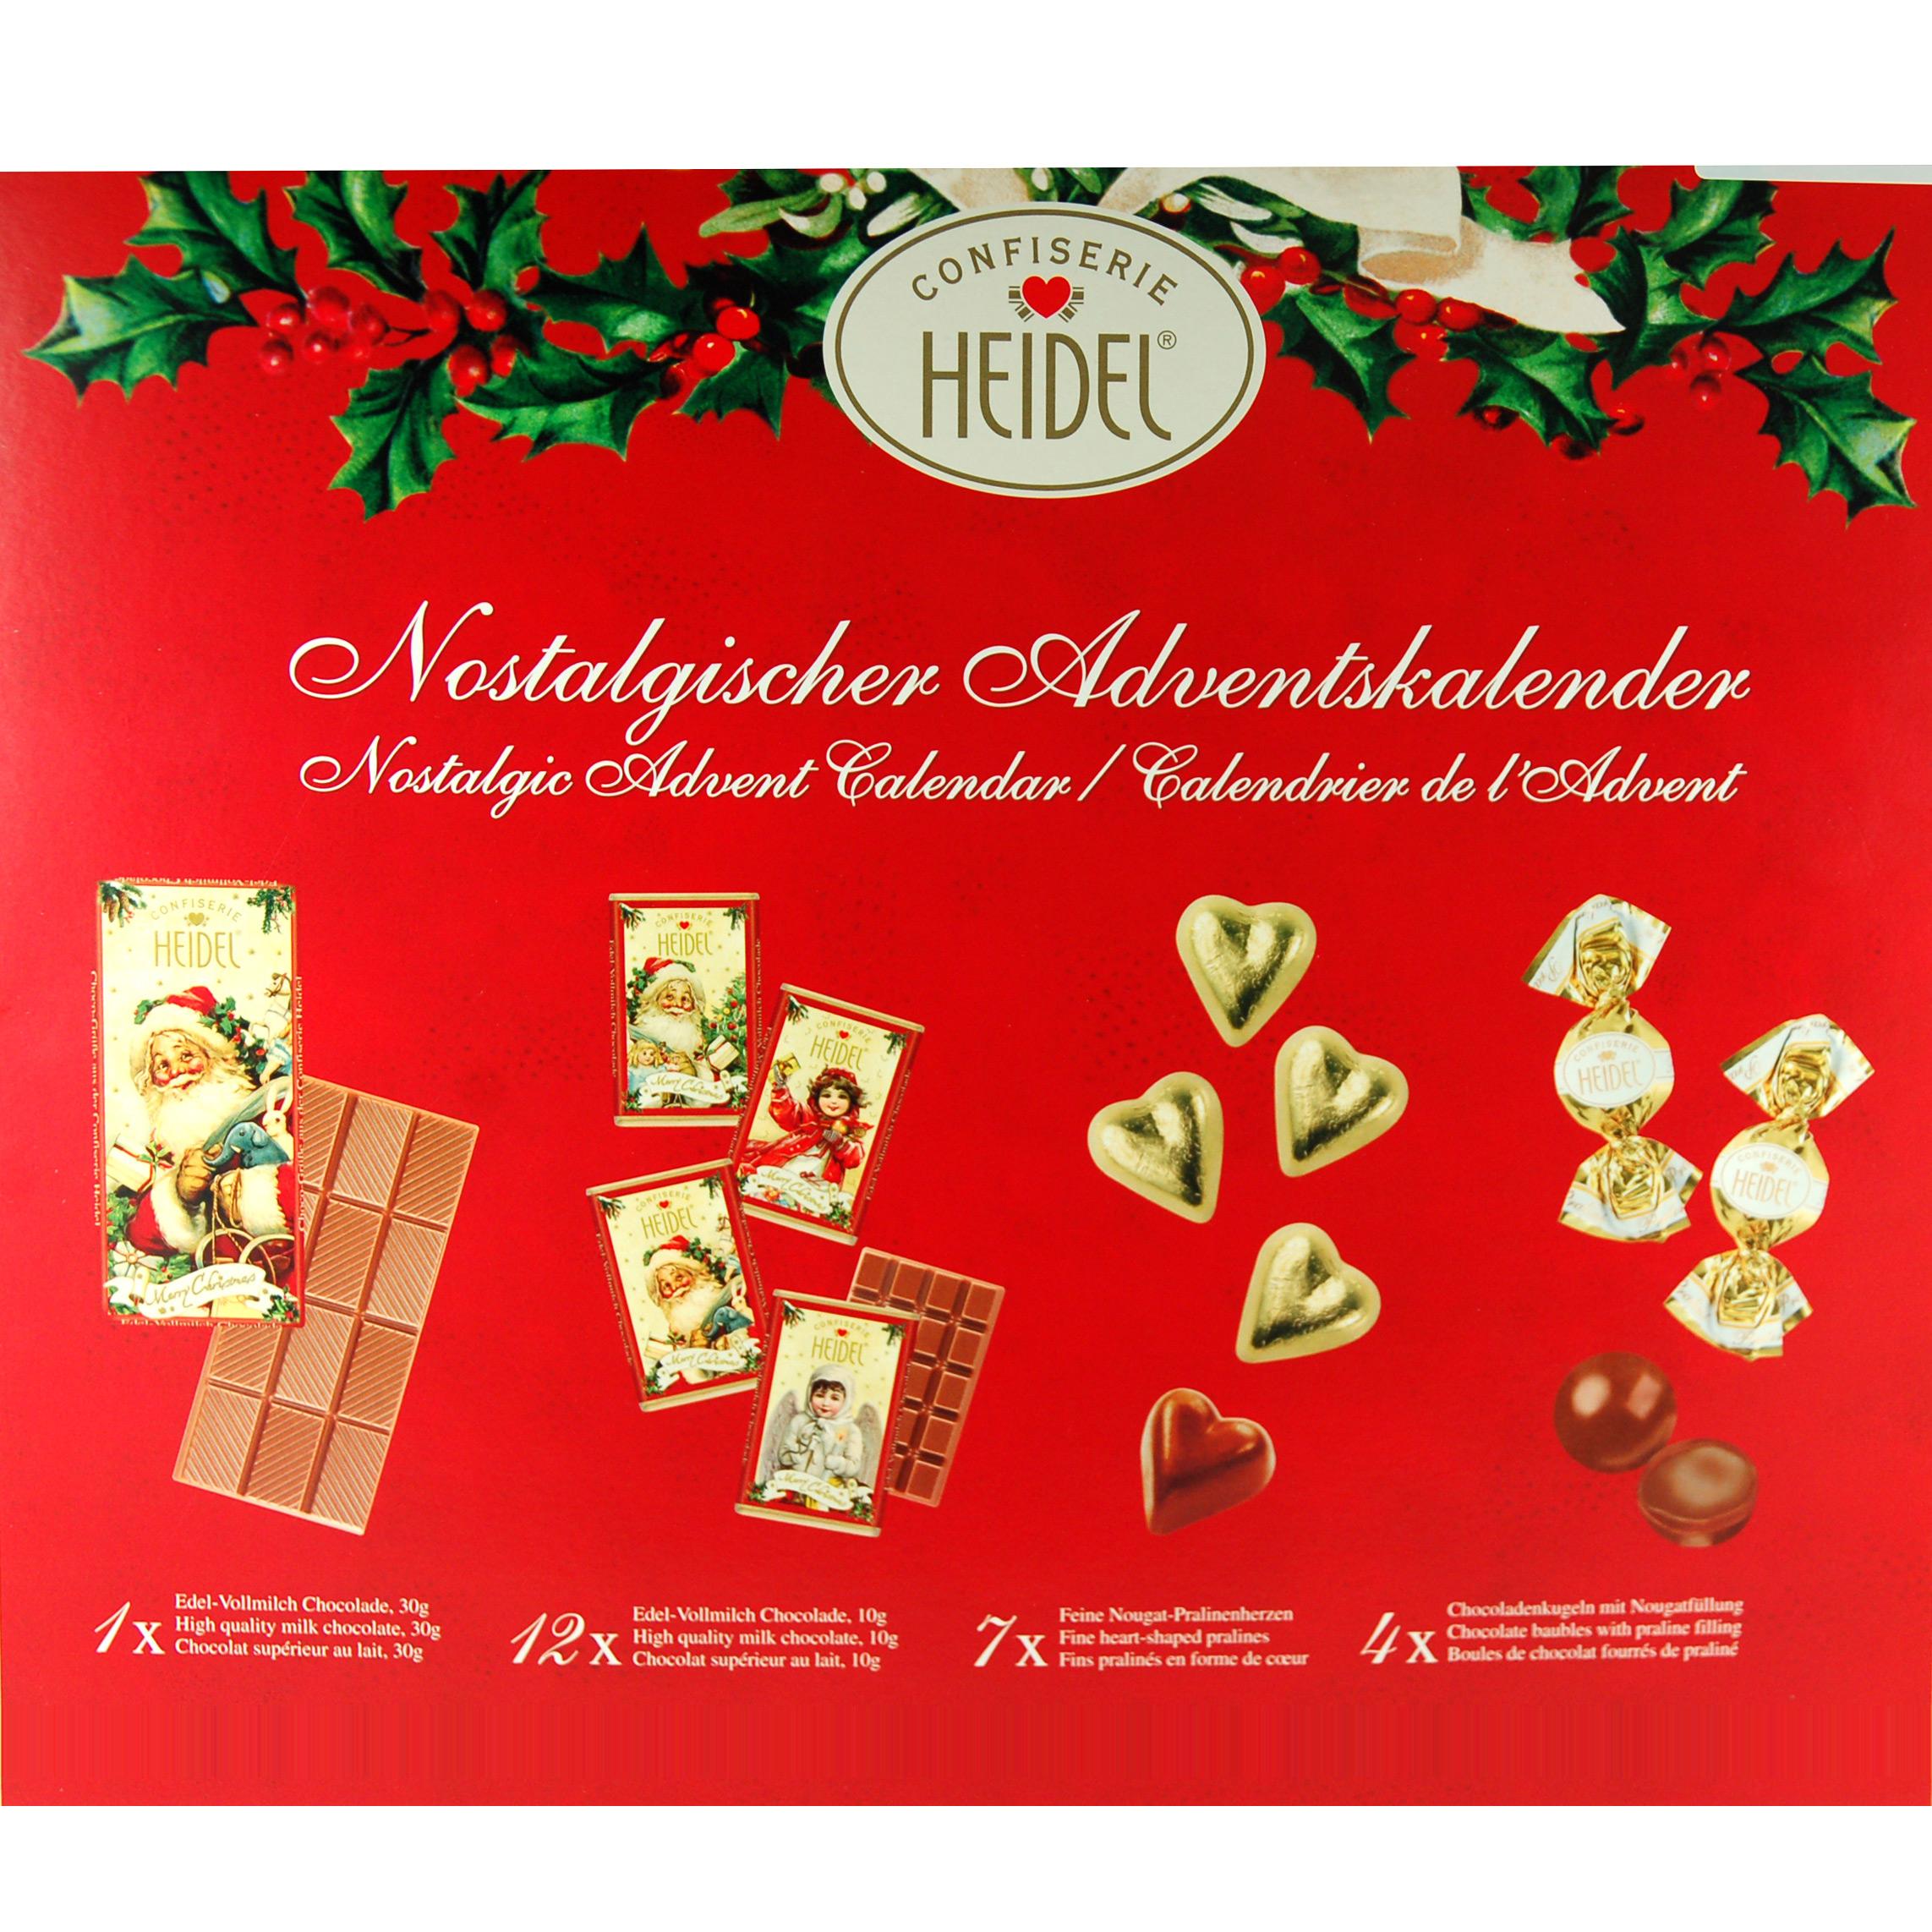 heidel confiserie adventskalender weihnachts nostalgie. Black Bedroom Furniture Sets. Home Design Ideas